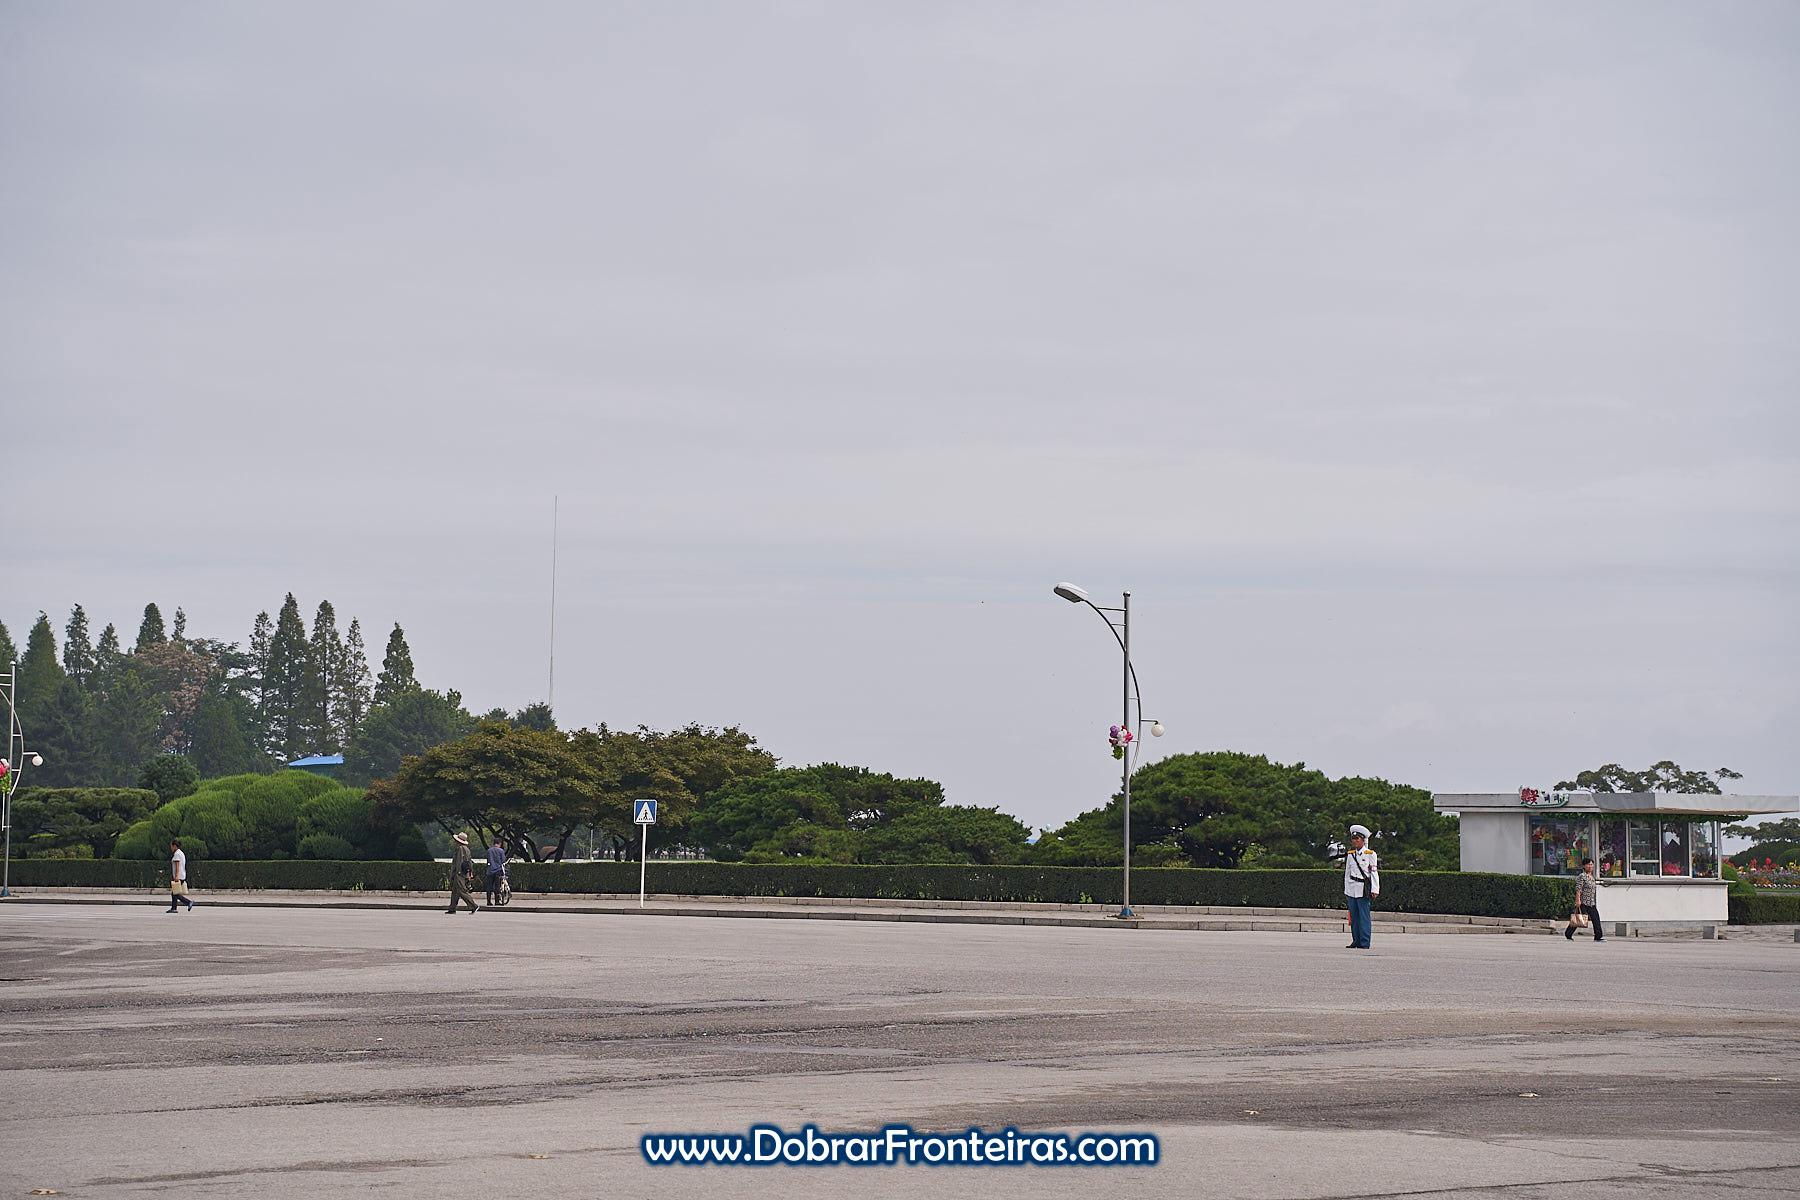 Policia sinaleiro na Coreia do Norte